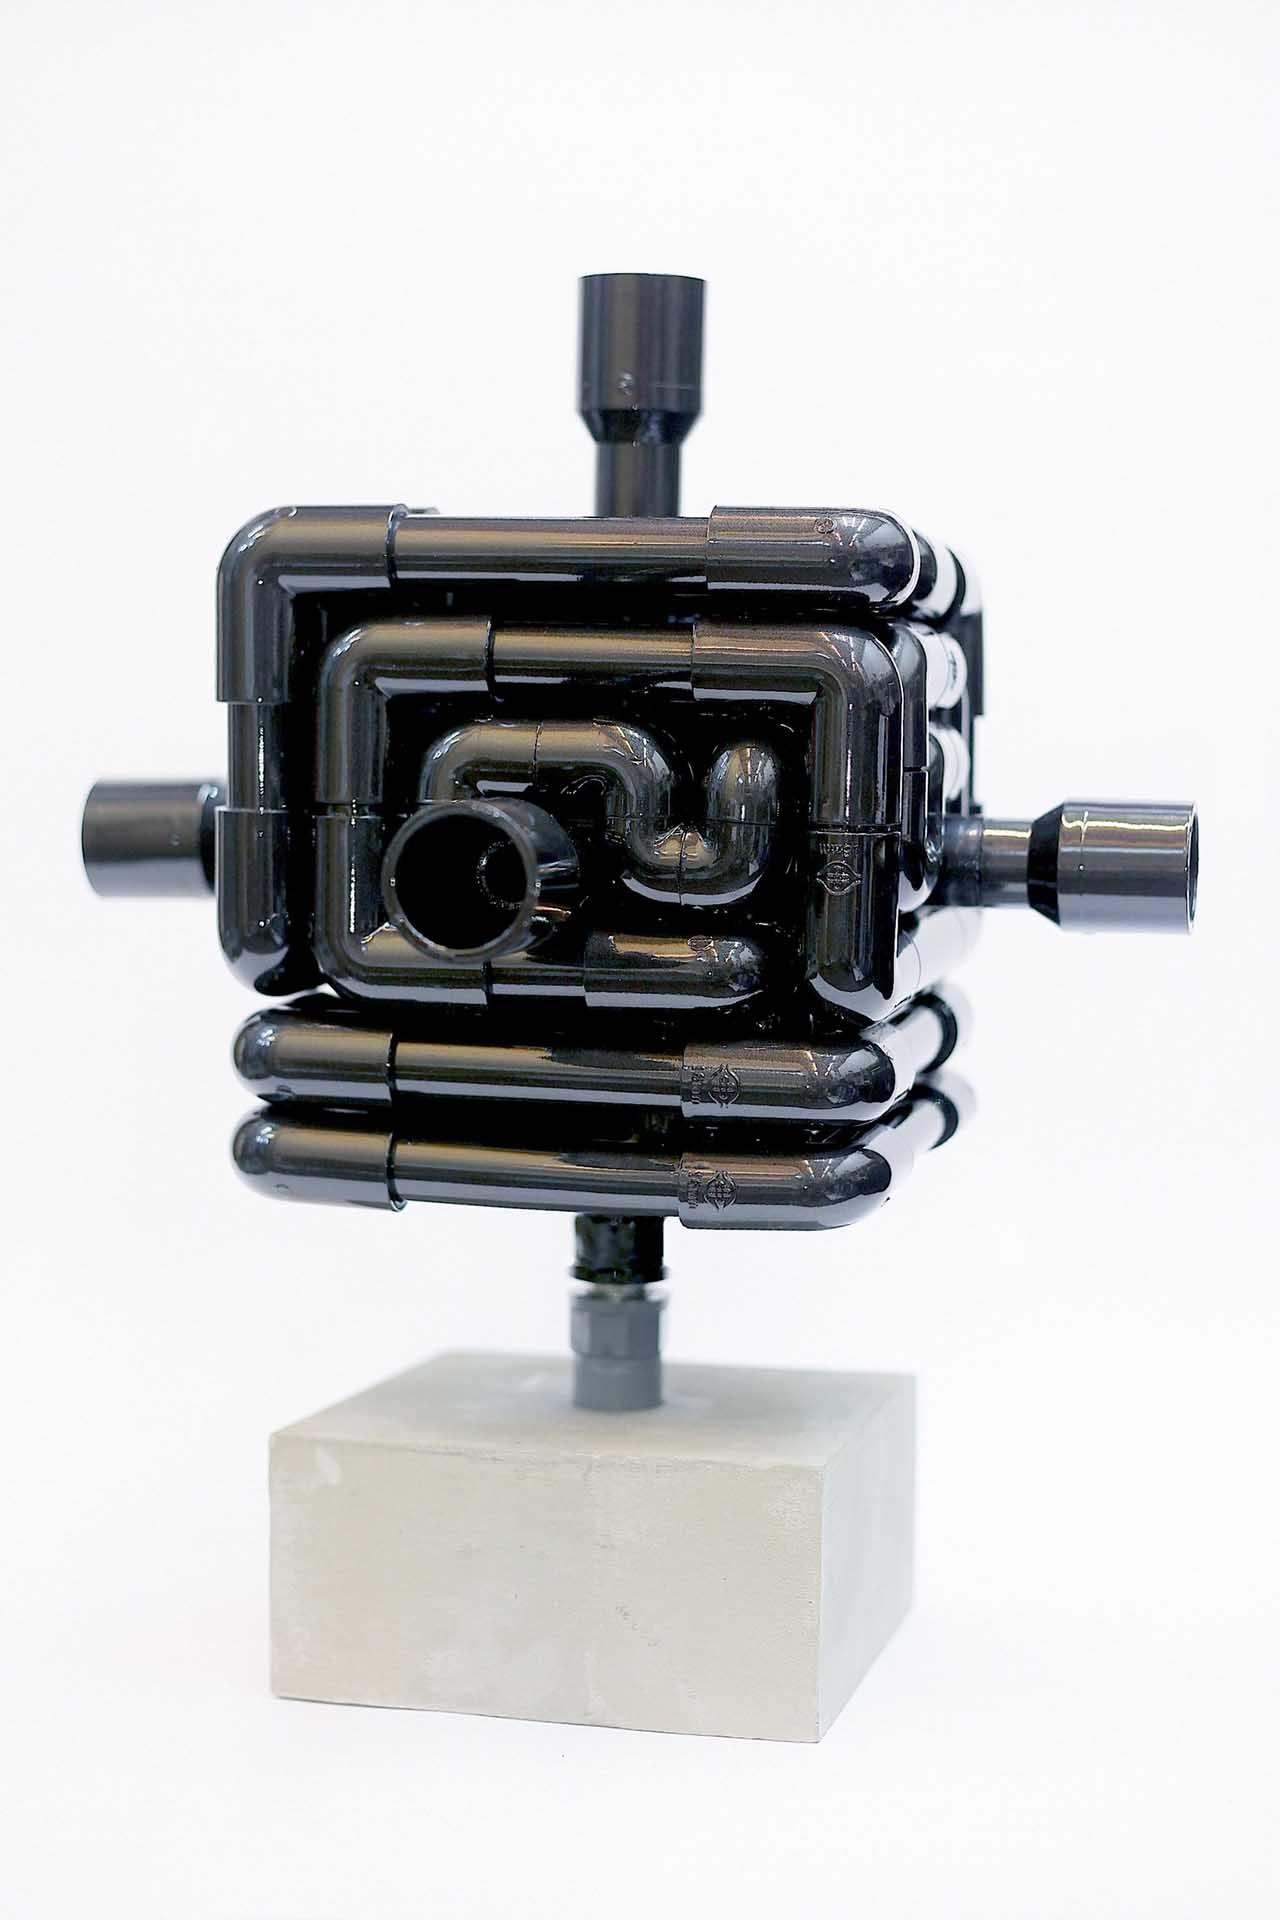 來自遠方的聲音 多媒材裝置 30x30x45